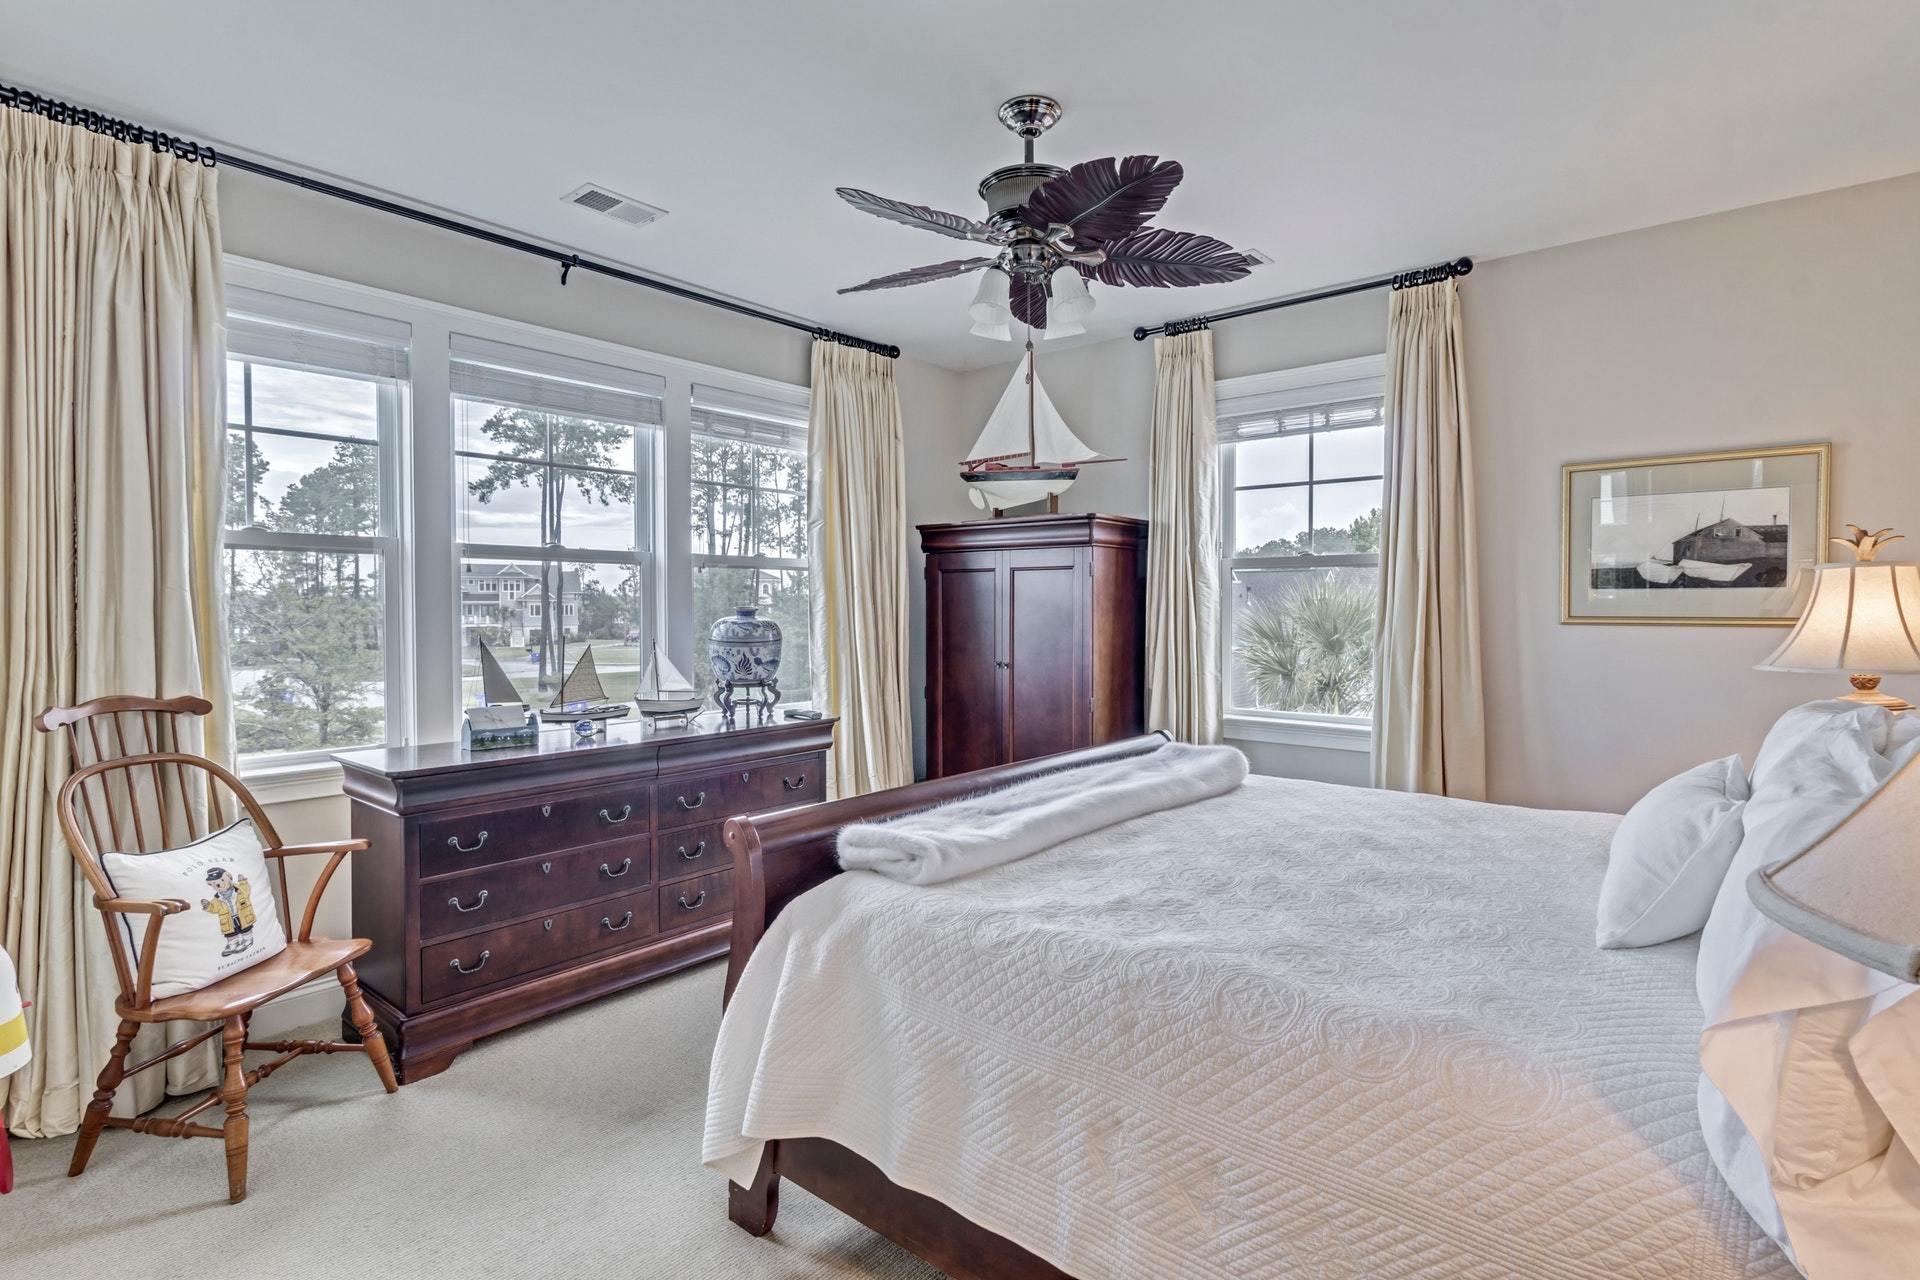 Dunes West Homes For Sale - 2816 River Vista, Mount Pleasant, SC - 50